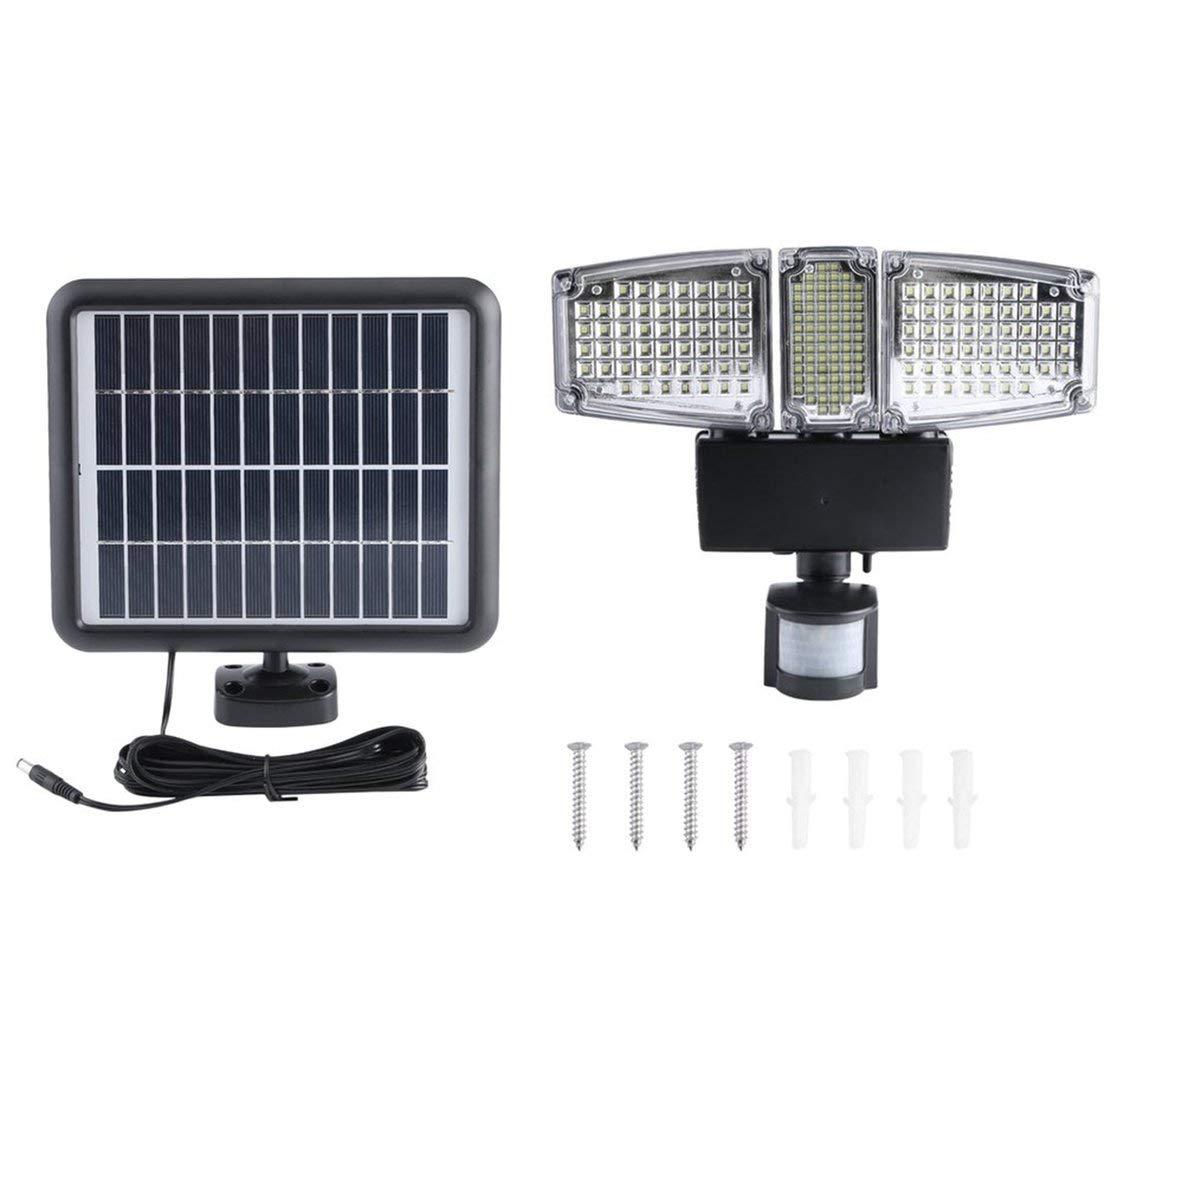 178 LED Drei Kopf Outdoor Indoor Solar Powerot Bewegungsmelder Aktiviertes Licht Flutlampe Induktionslampe Wandmontage